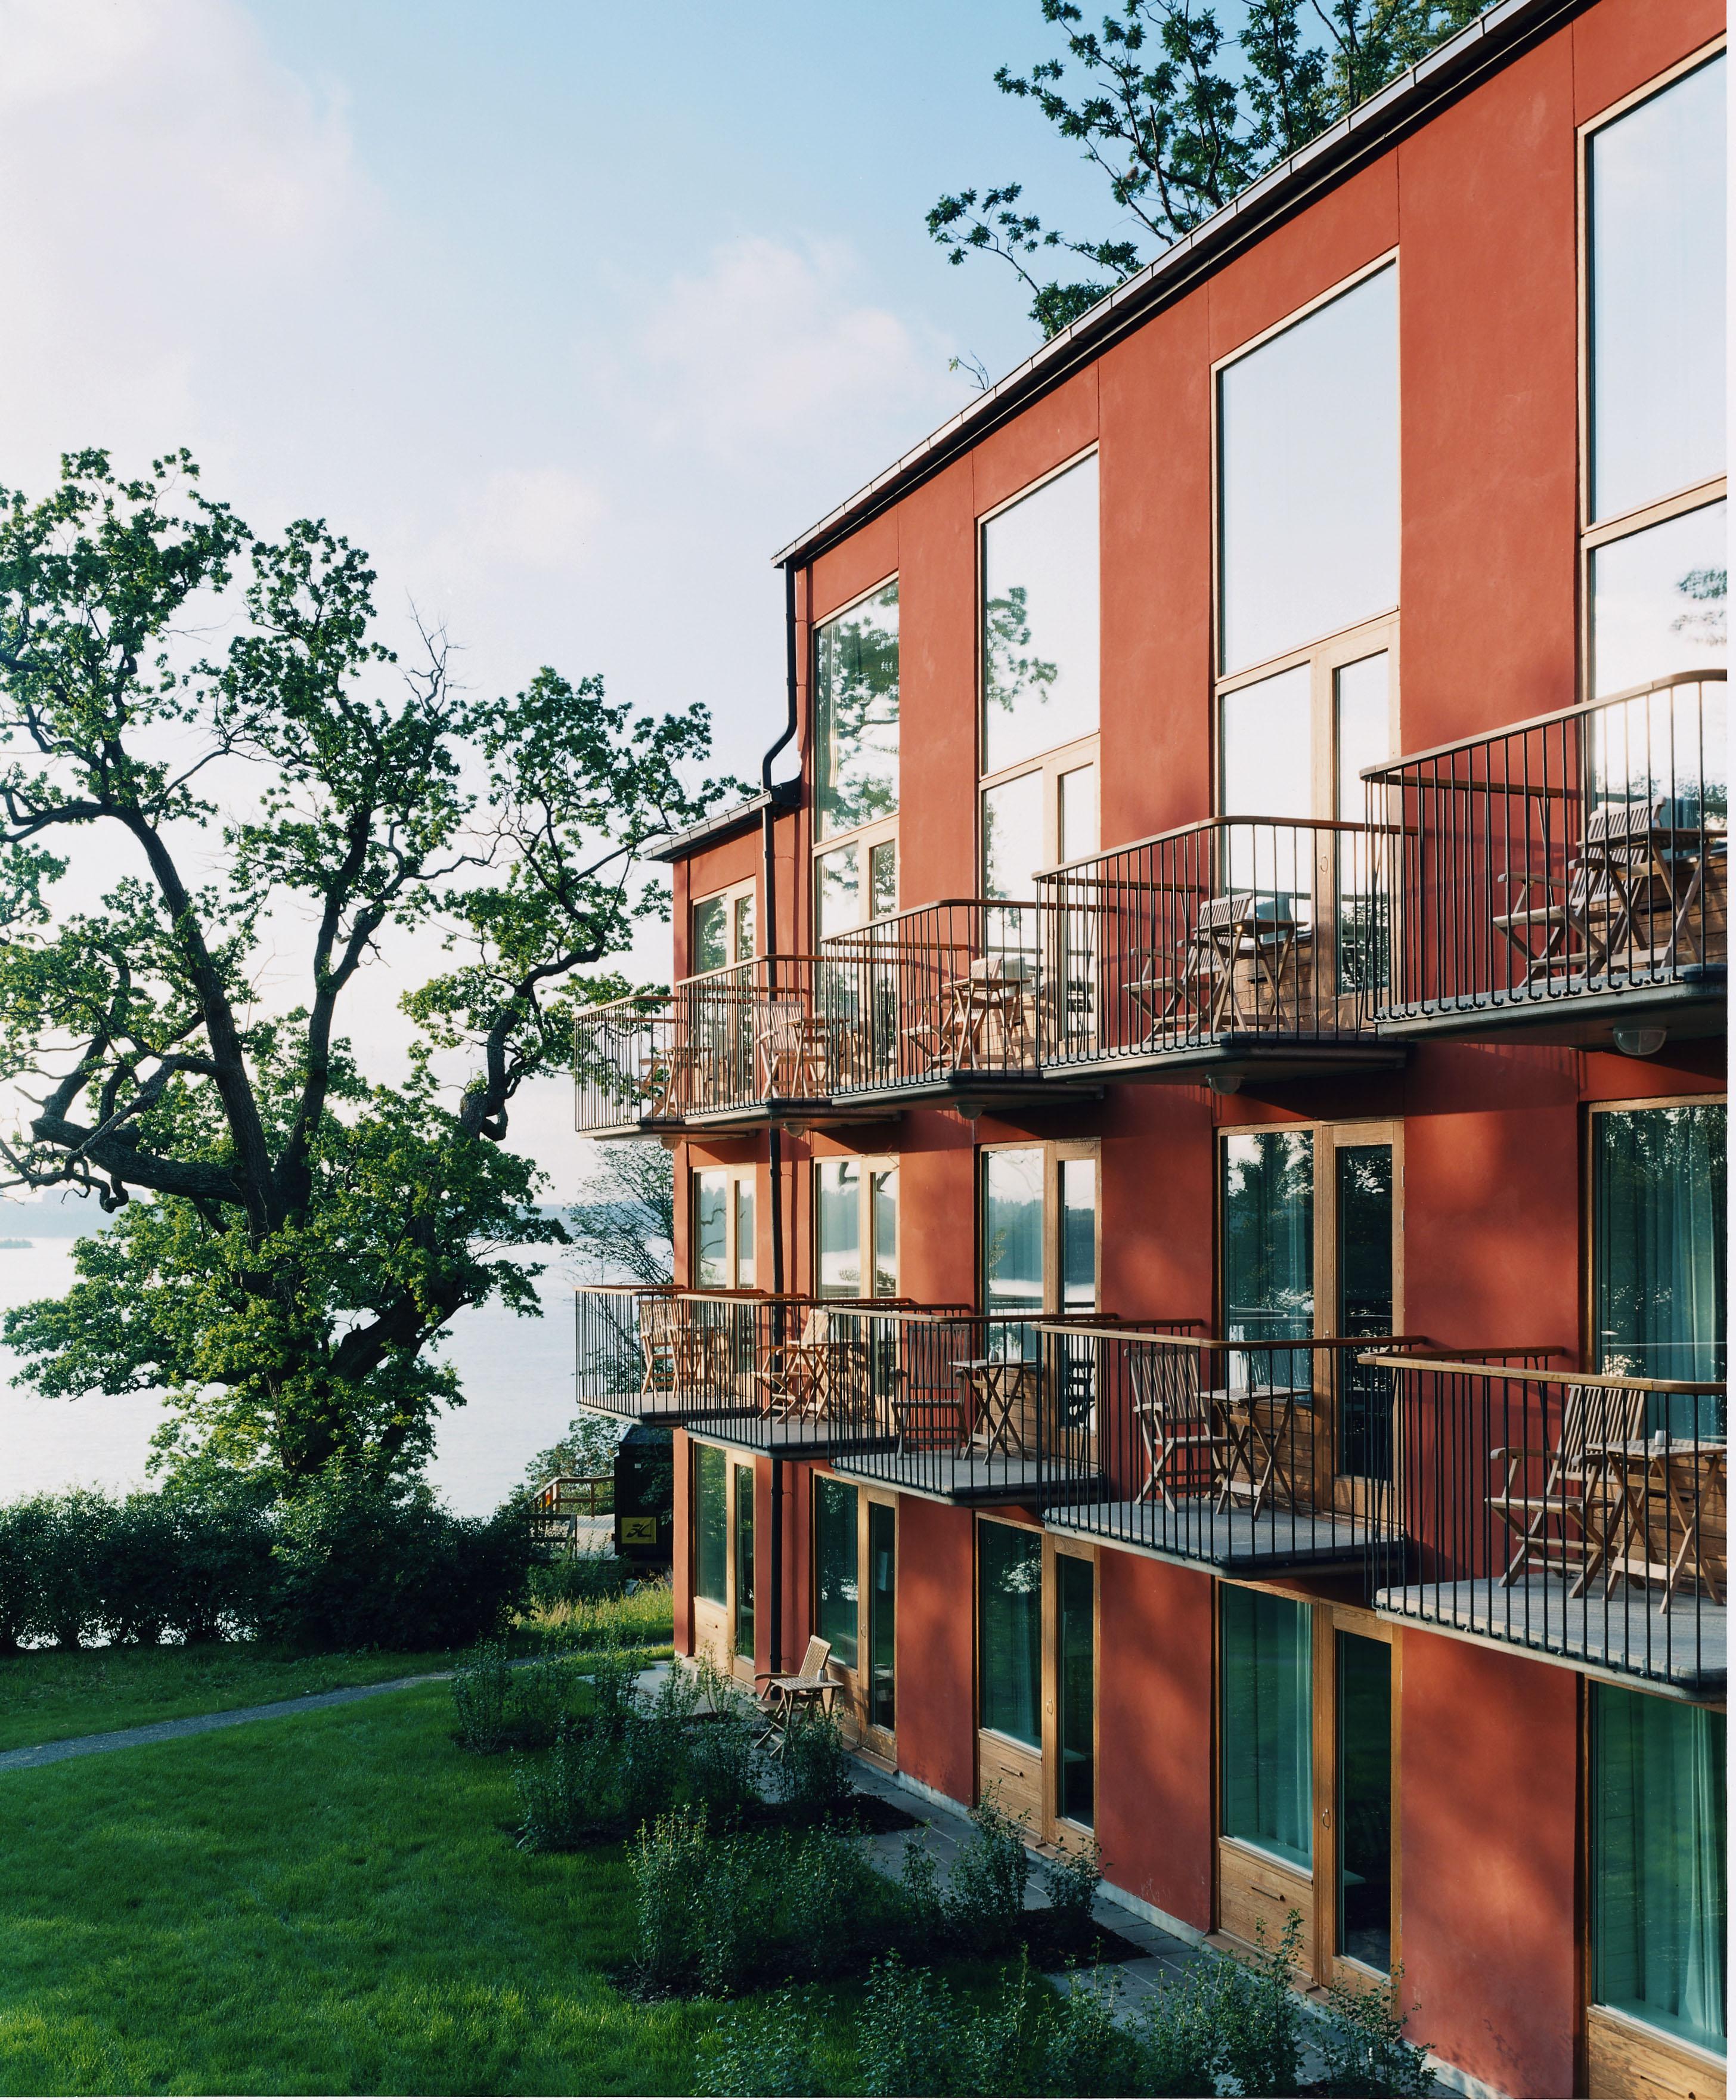 l h tel j inaugur stockholm. Black Bedroom Furniture Sets. Home Design Ideas